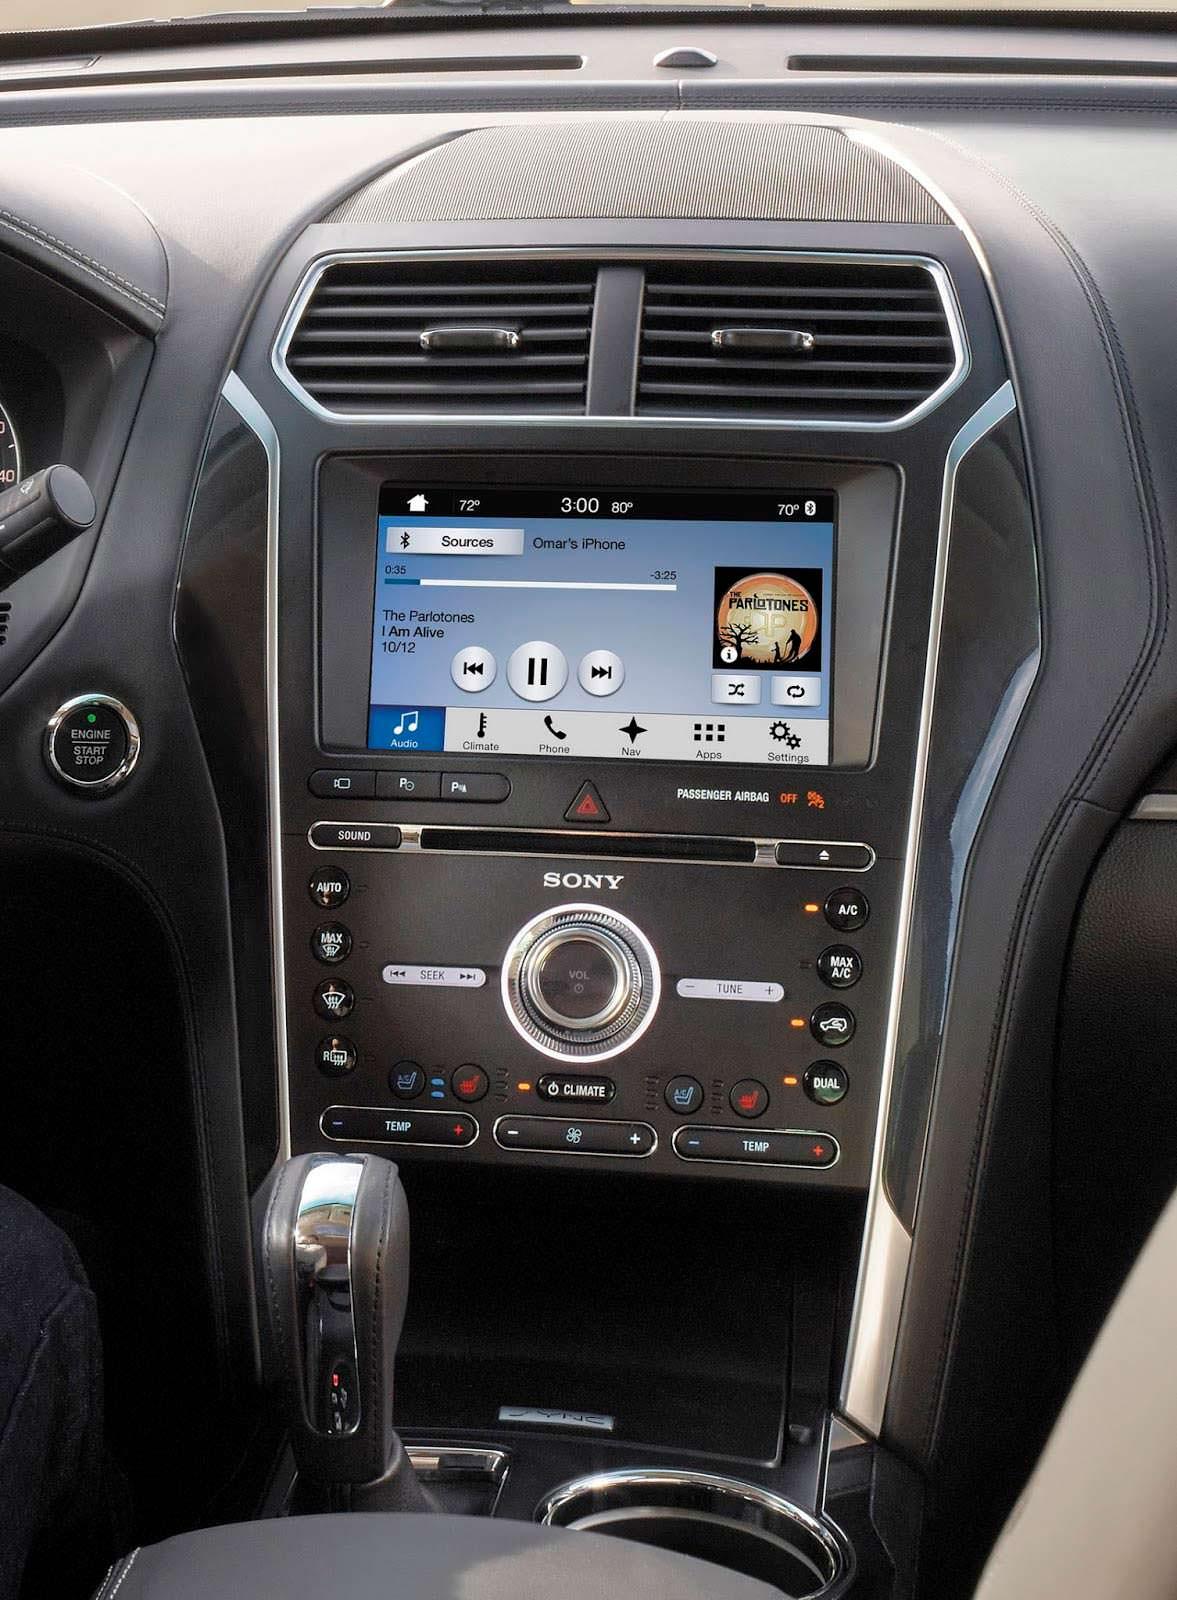 Фото | Мультимедийная система Sony в Ford Explorer 2018 года